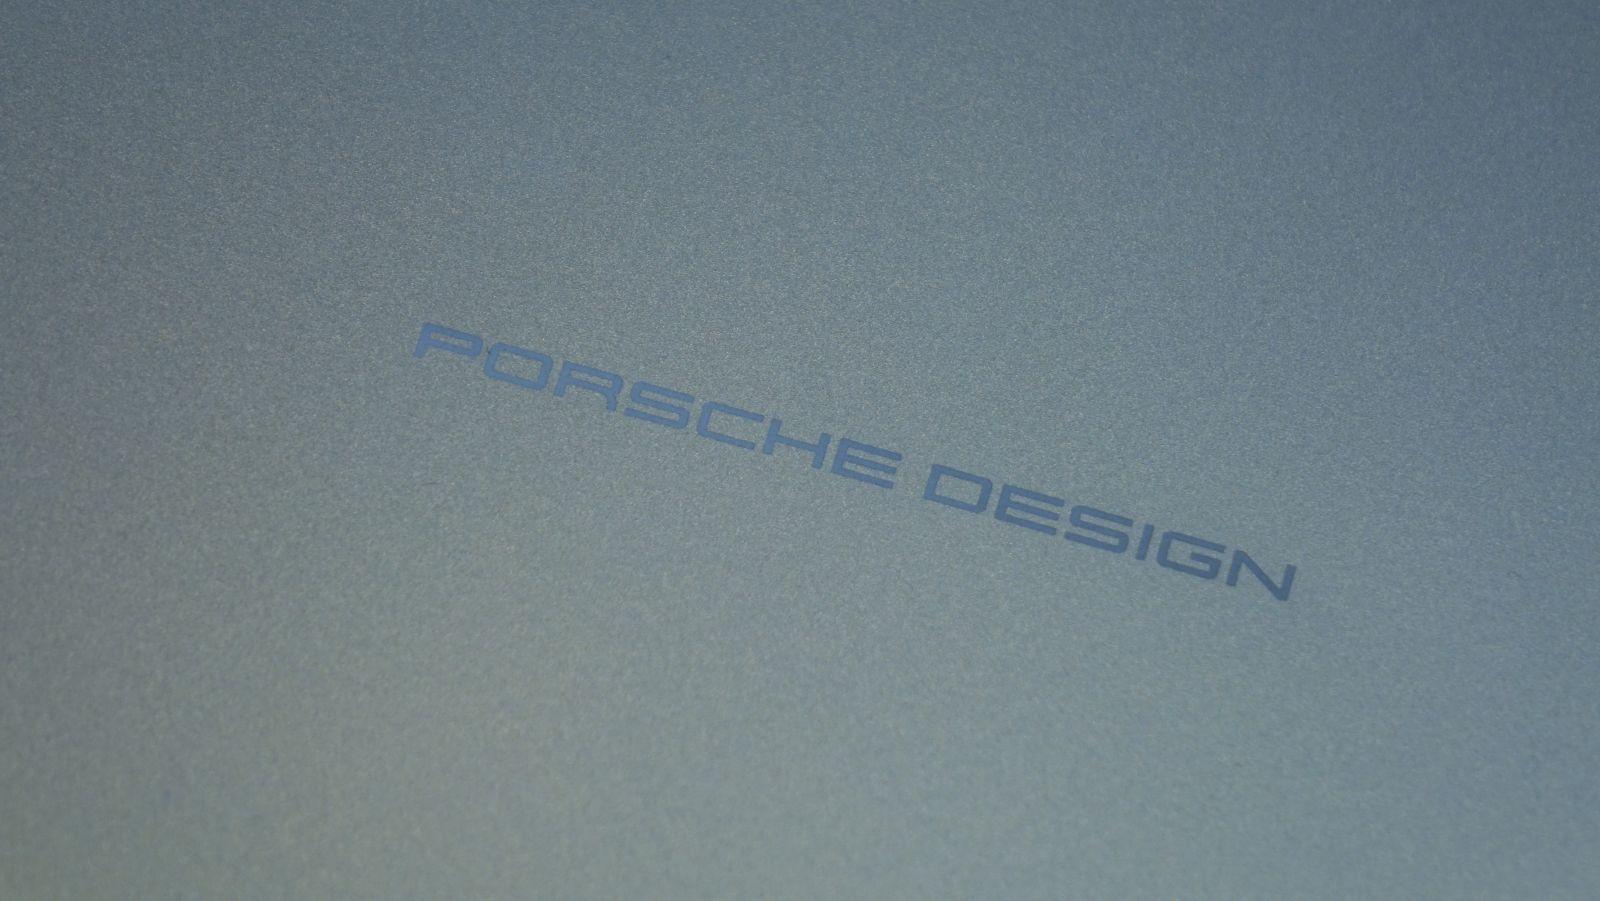 LaCie Porsche Design Desktop Drive logo